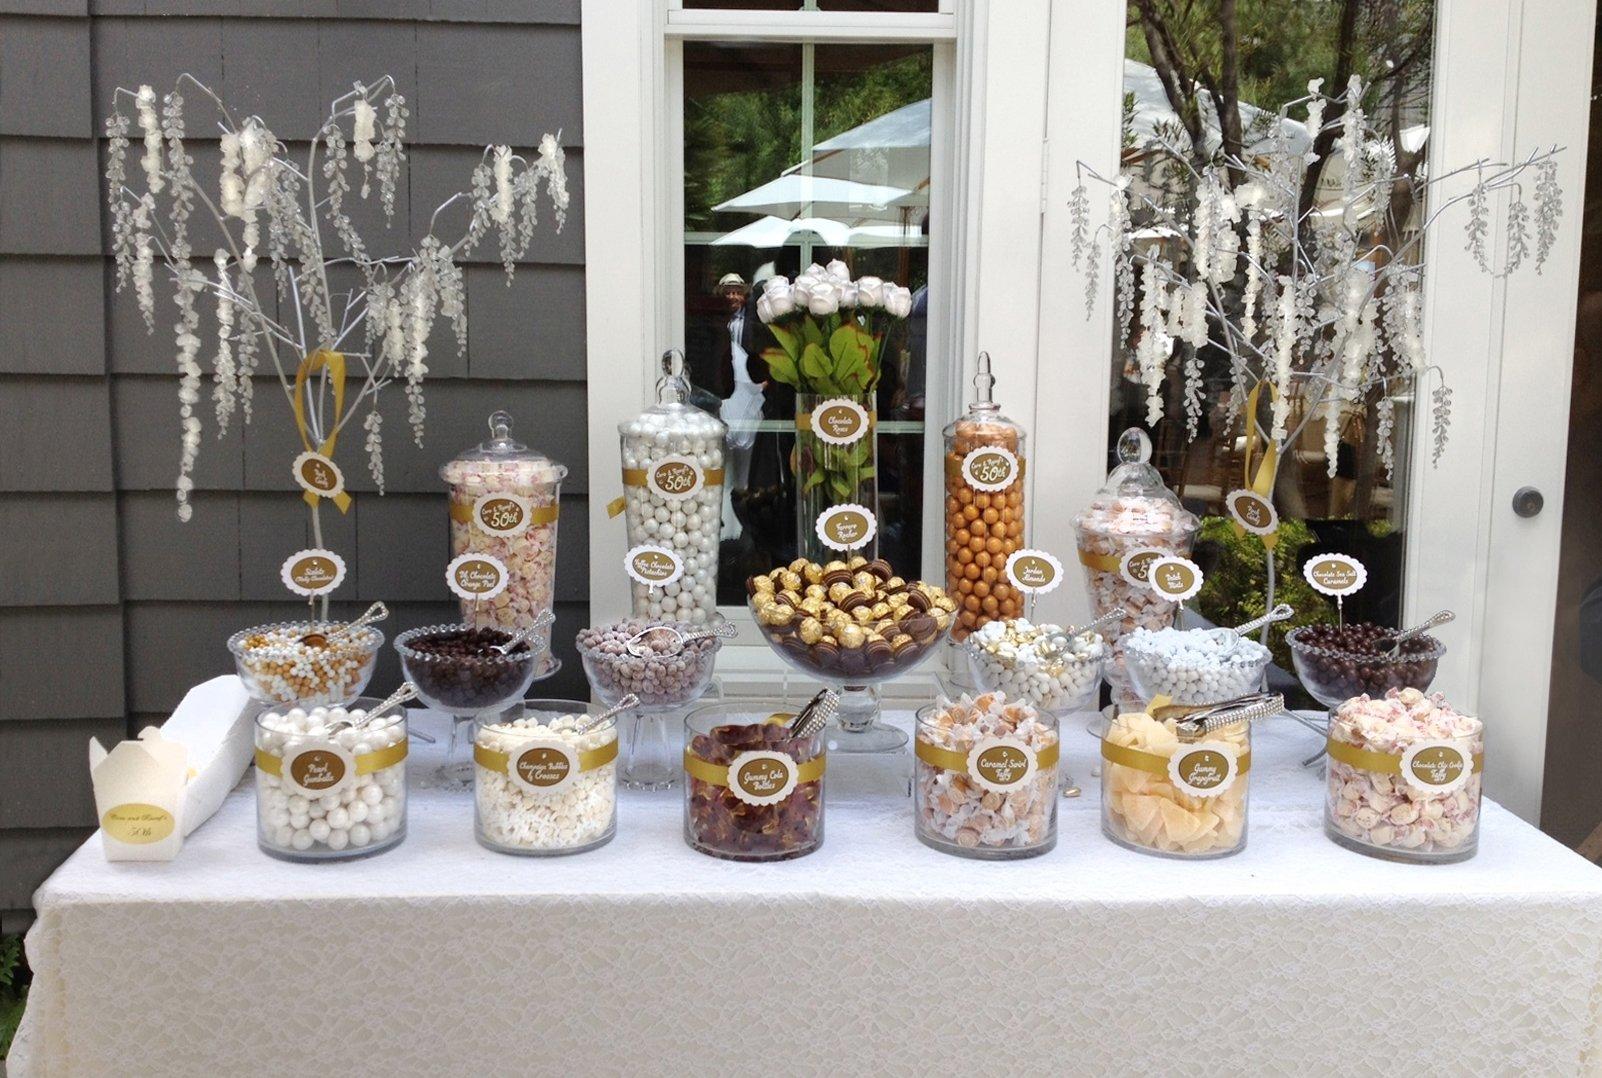 10 Pretty 50Th Wedding Anniversary Party Ideas 50th wedding anniversary party ideas food low budget 50th wedding 2